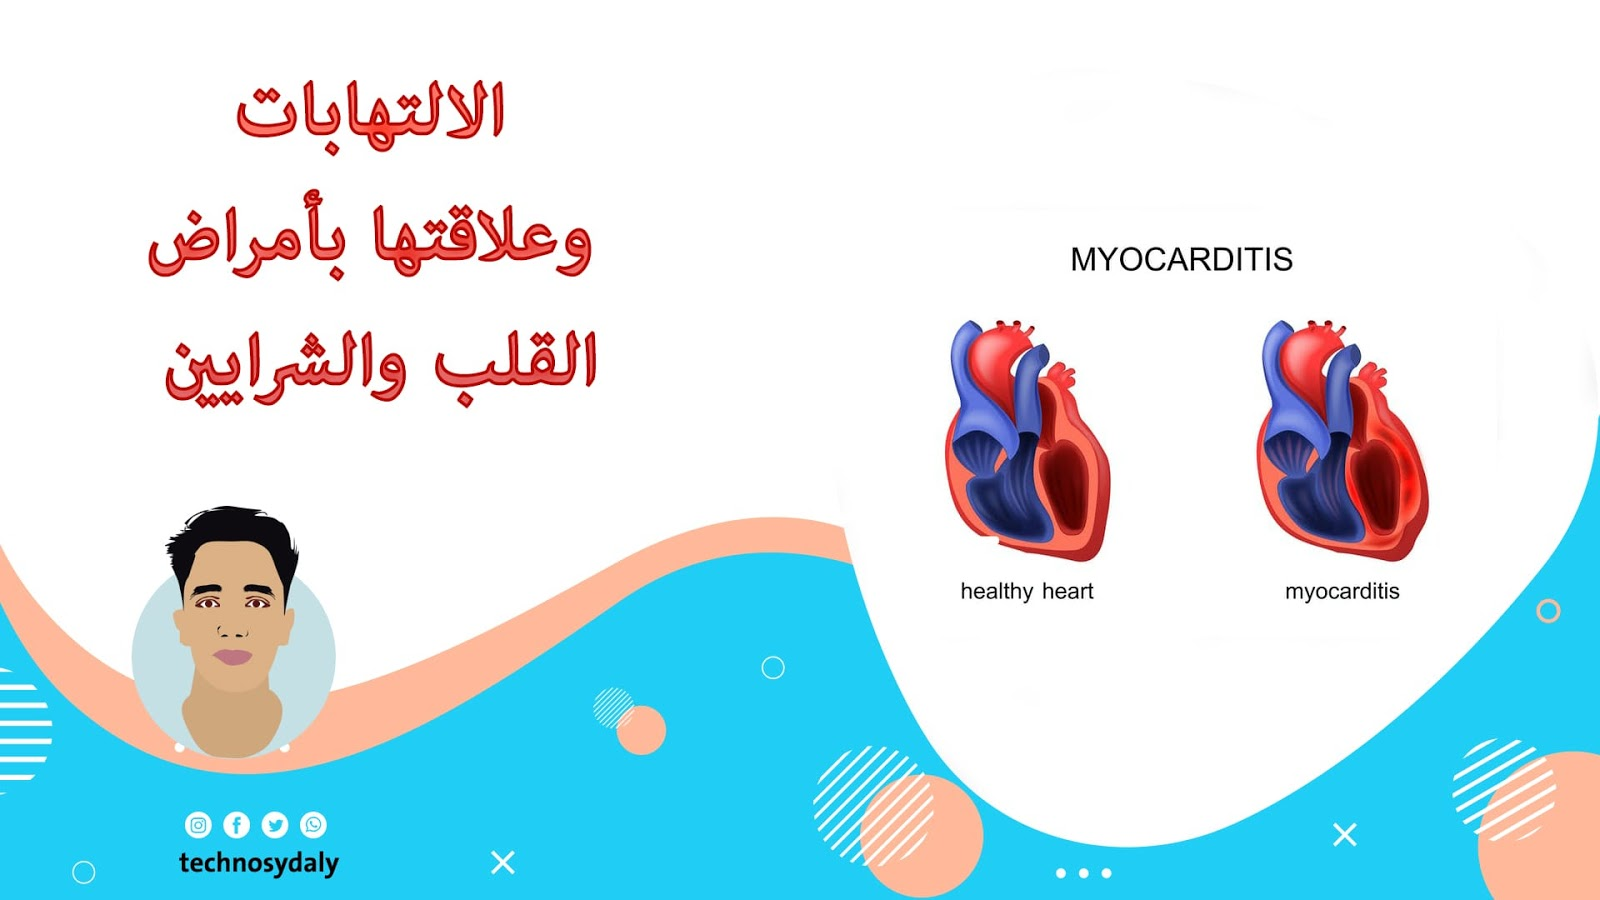 12معلومة حول الالتهابات وعلاقتها بأمراض القلب والشرايين